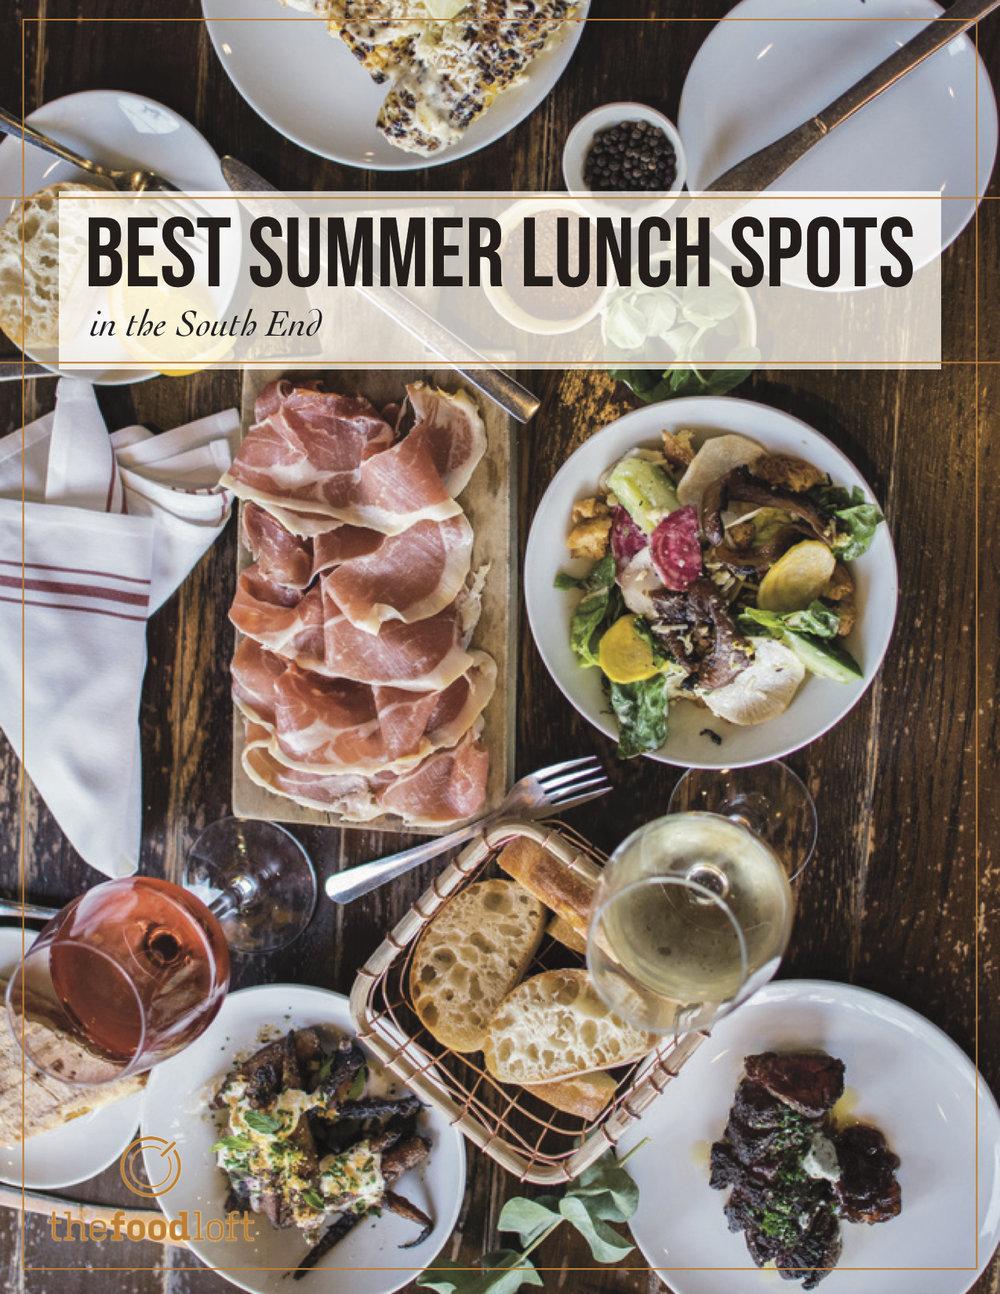 Best+Lunch+Spots_+South+End.jpg